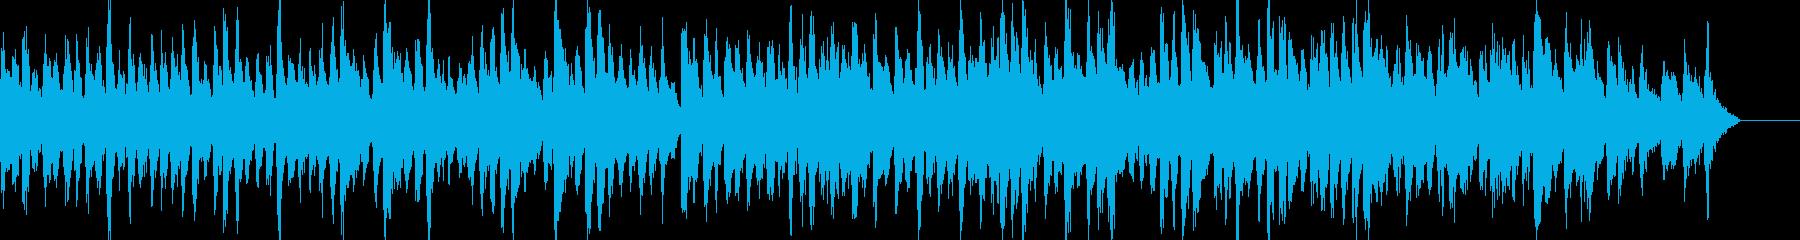 正式で堂々としたオーケストレーショ...の再生済みの波形